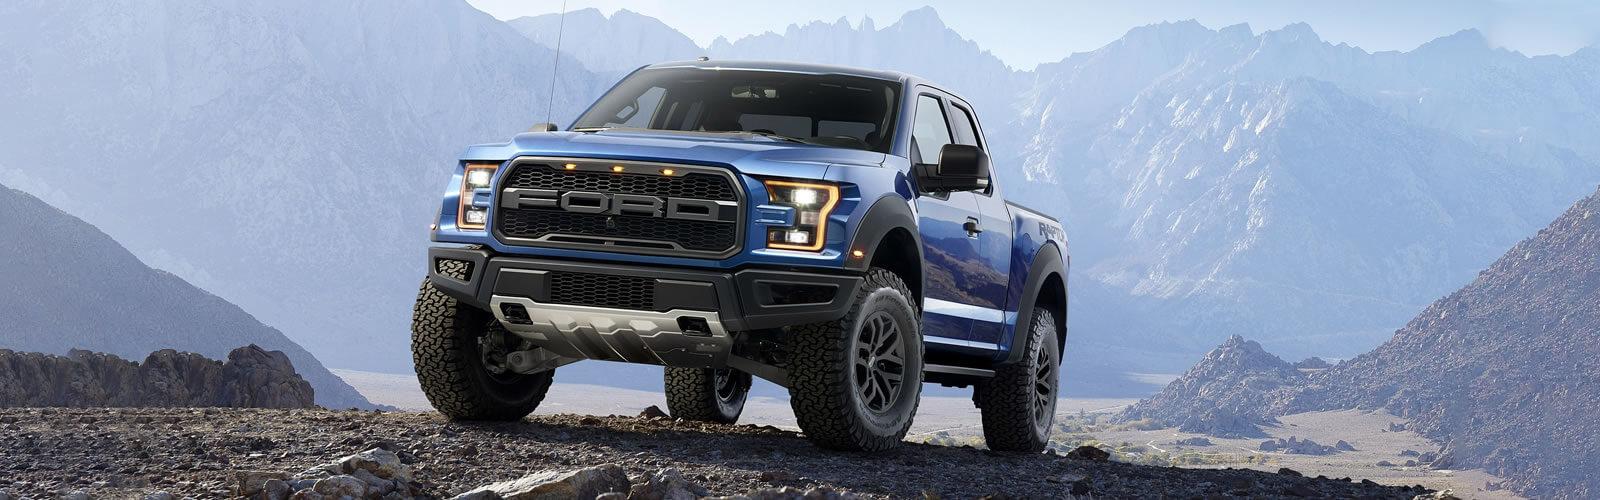 Lifted Trucks, Used Trucks - Phoenix, AZ   TRUCKMAX